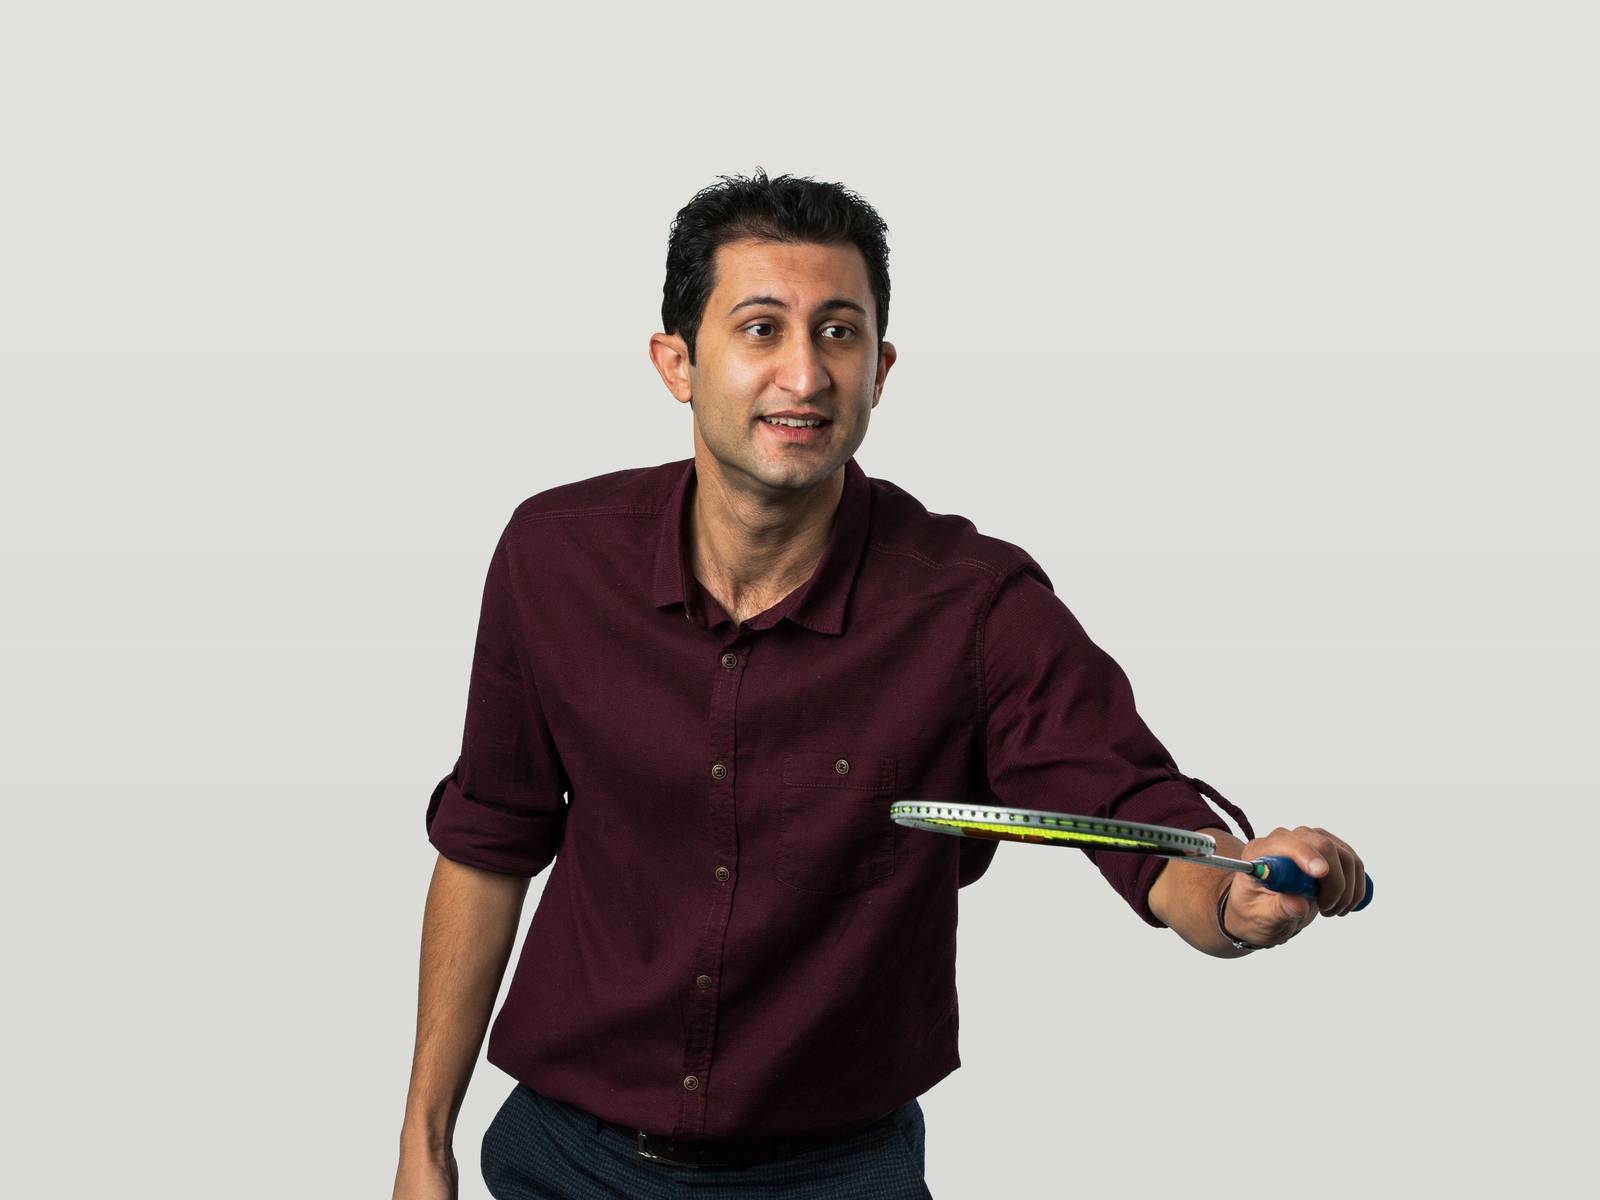 Ali playing badminton